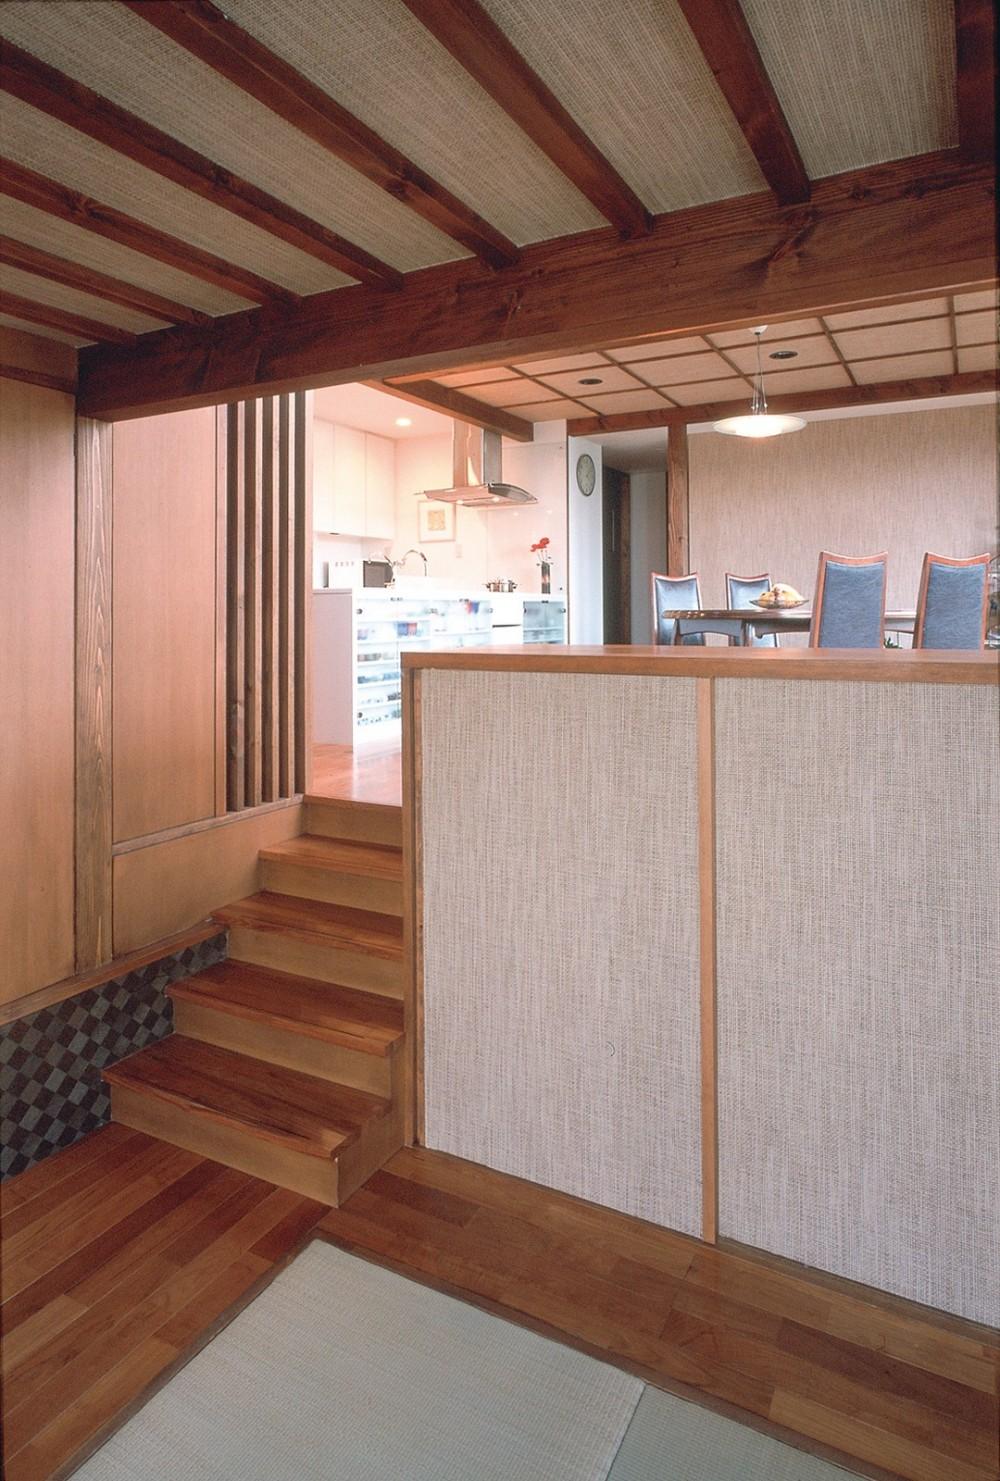 仕事場のある住まい|あなたの場所・自分の居場所を創る|大切な本の傍で至福の時を過ごす (おもてなしの間から食のスペースとキッチンを見通す)